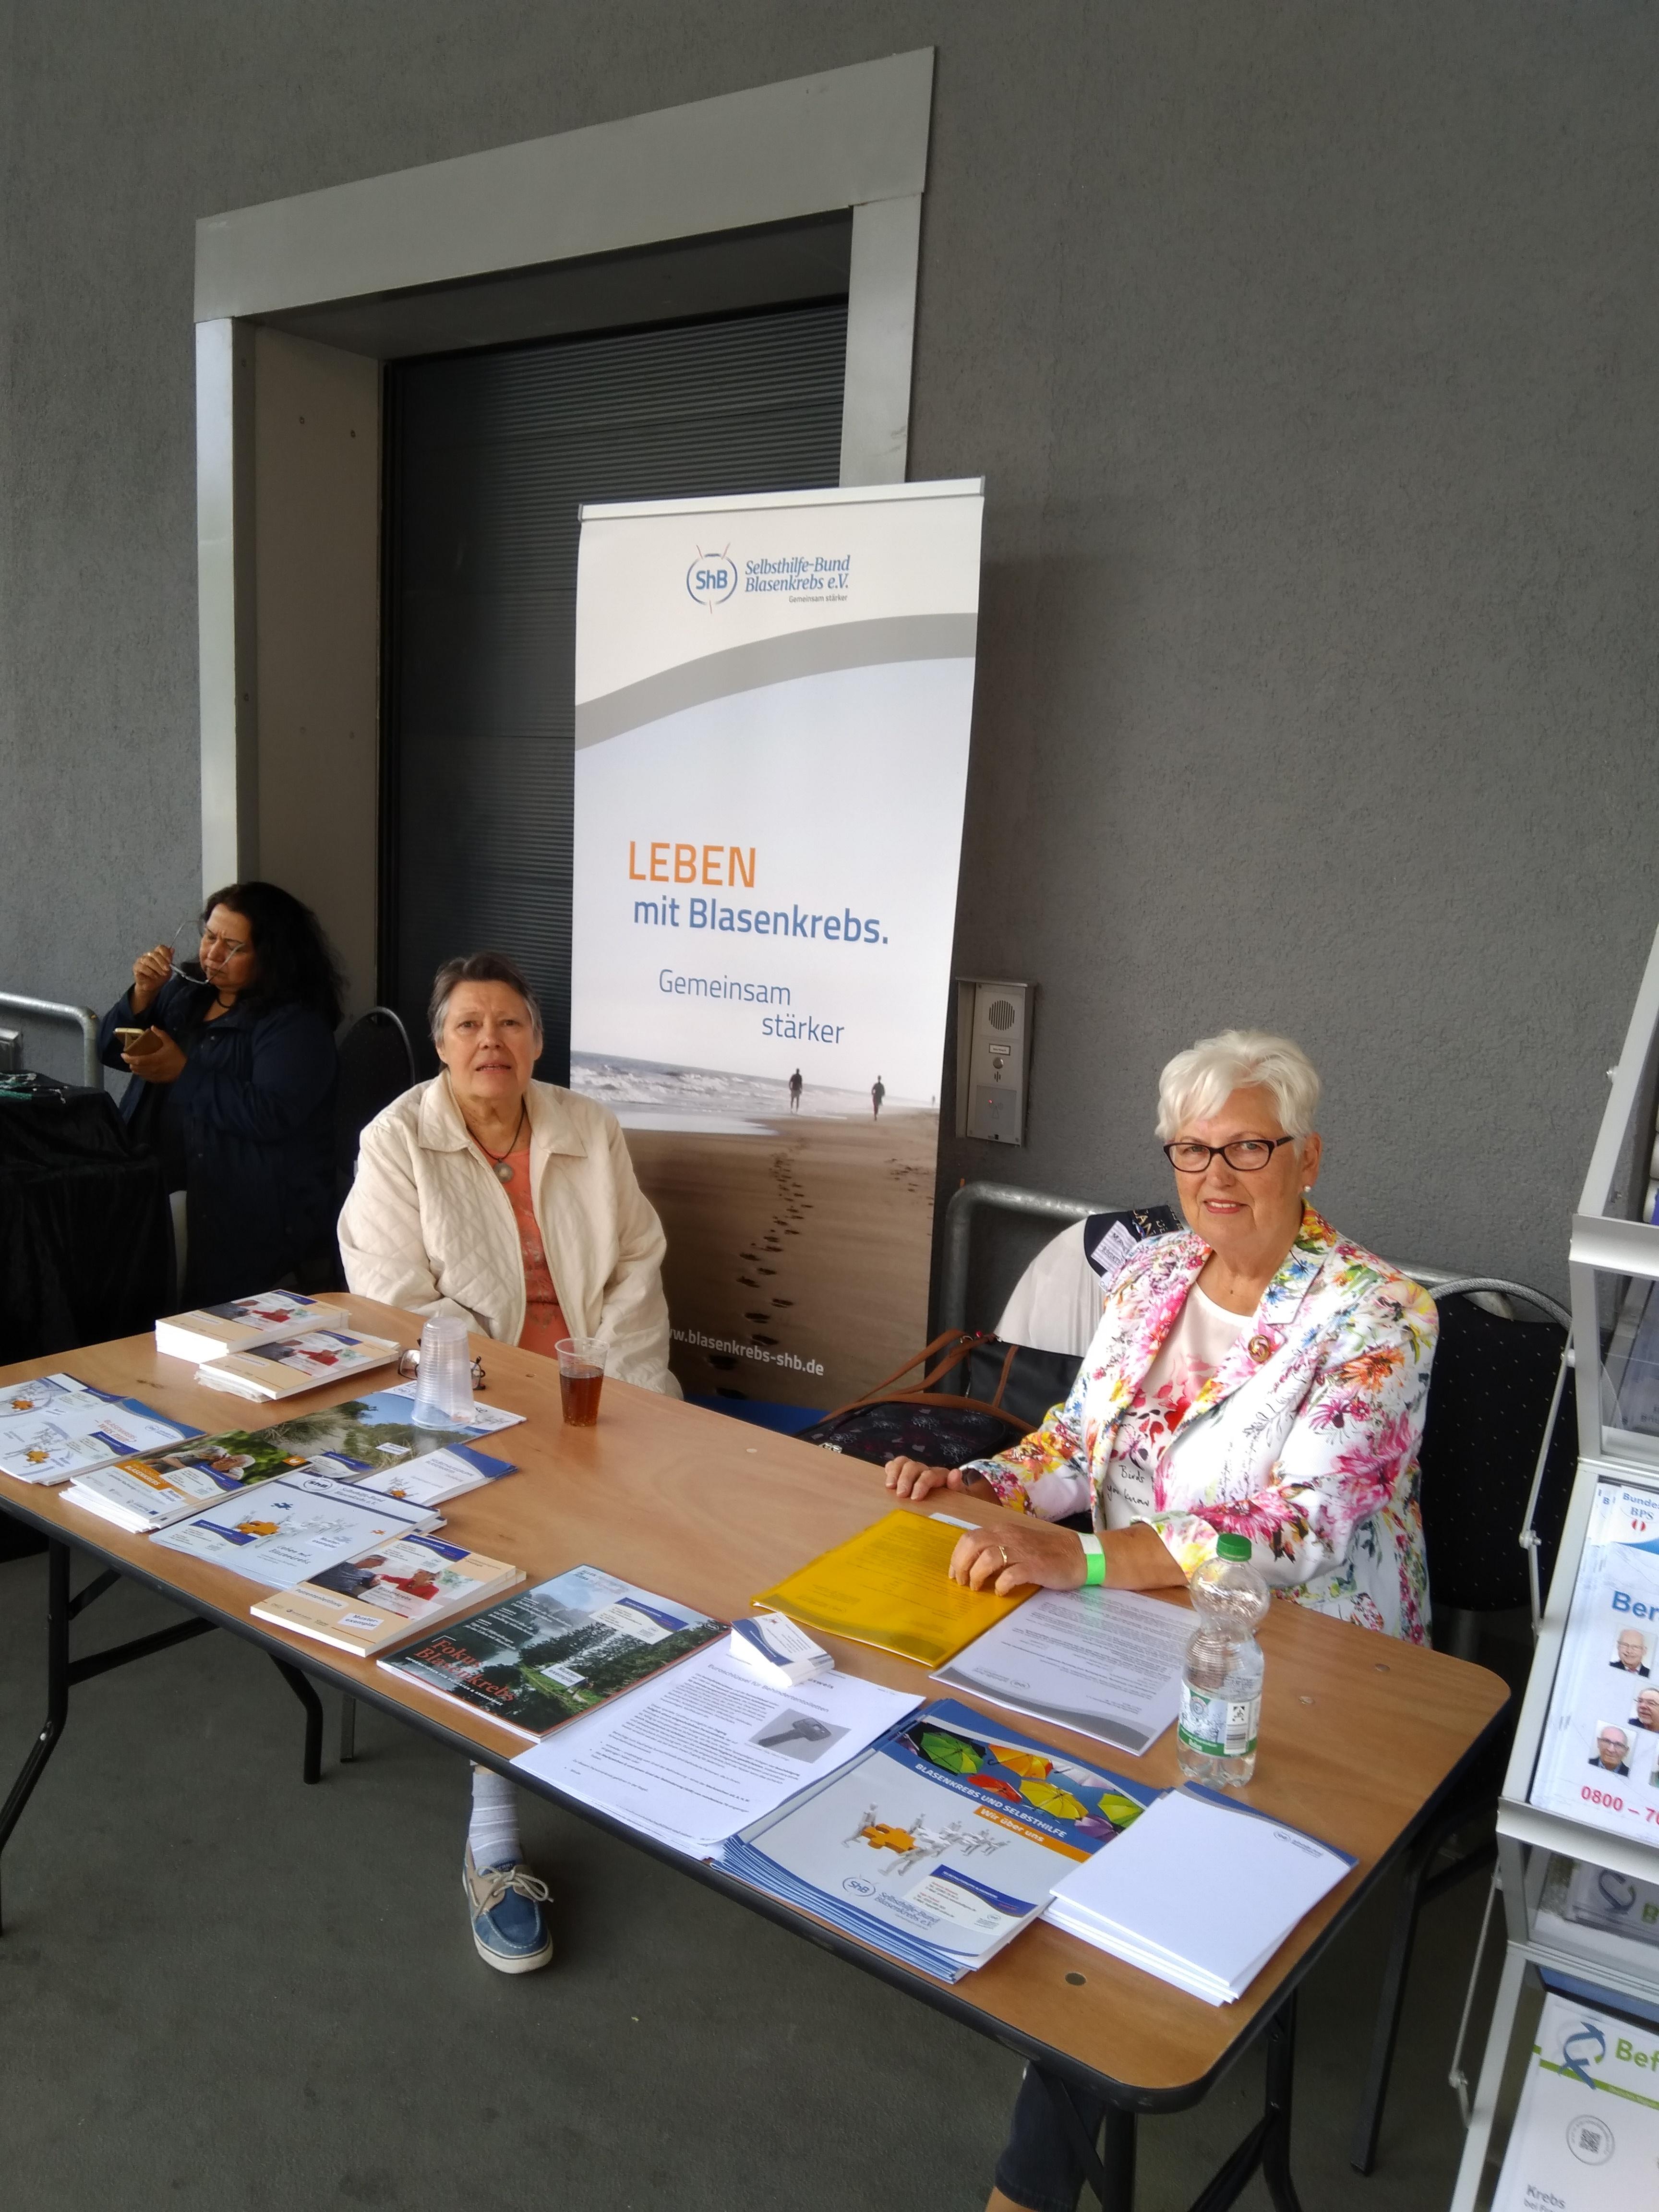 Helios_Sommerfest_Duisburg_2018.jpg